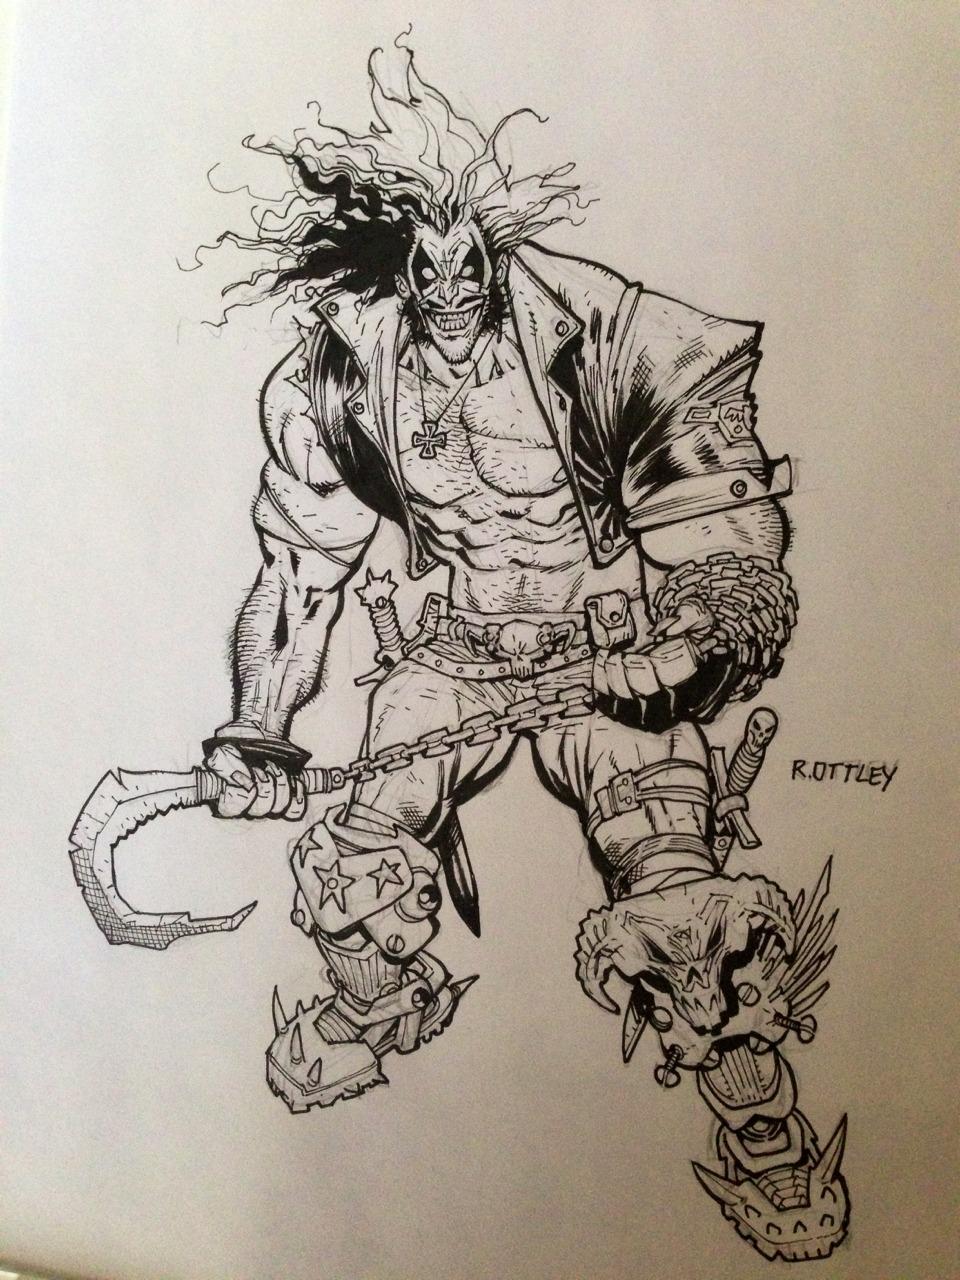 Lobo by RyanOttley